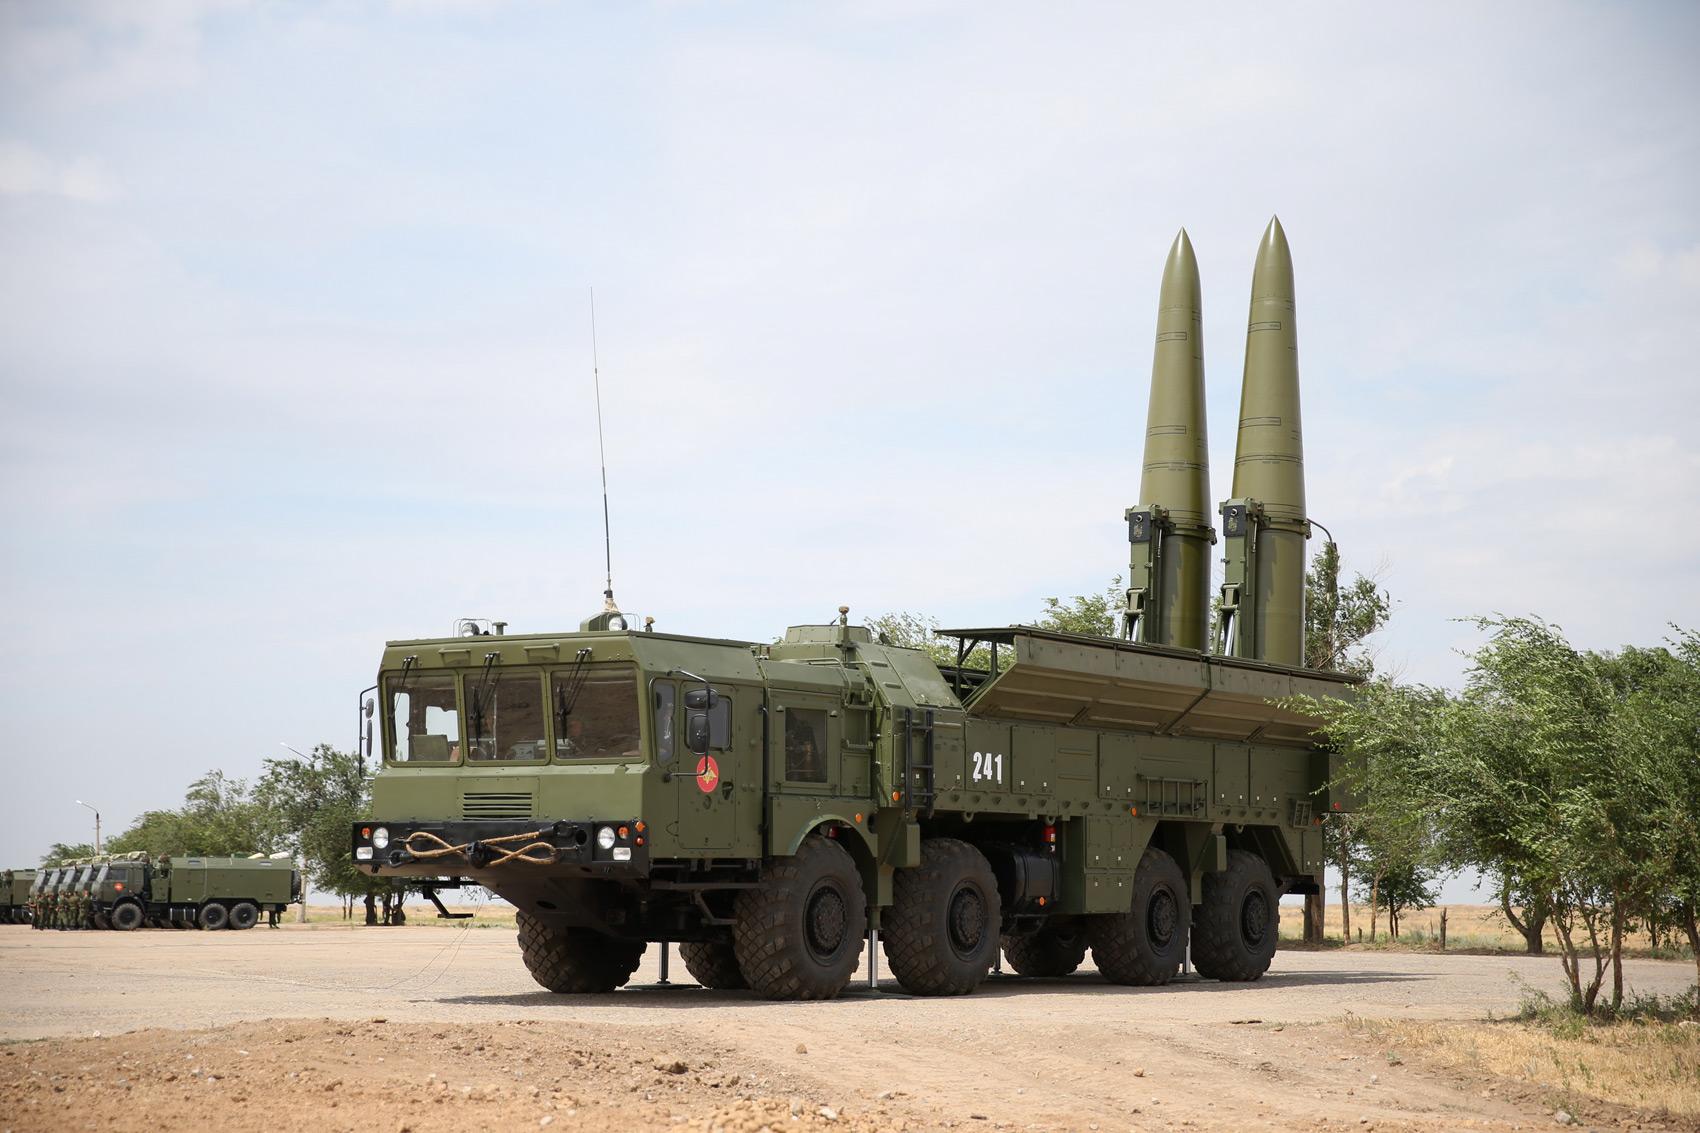 Arsenal nucléaire de la Russie